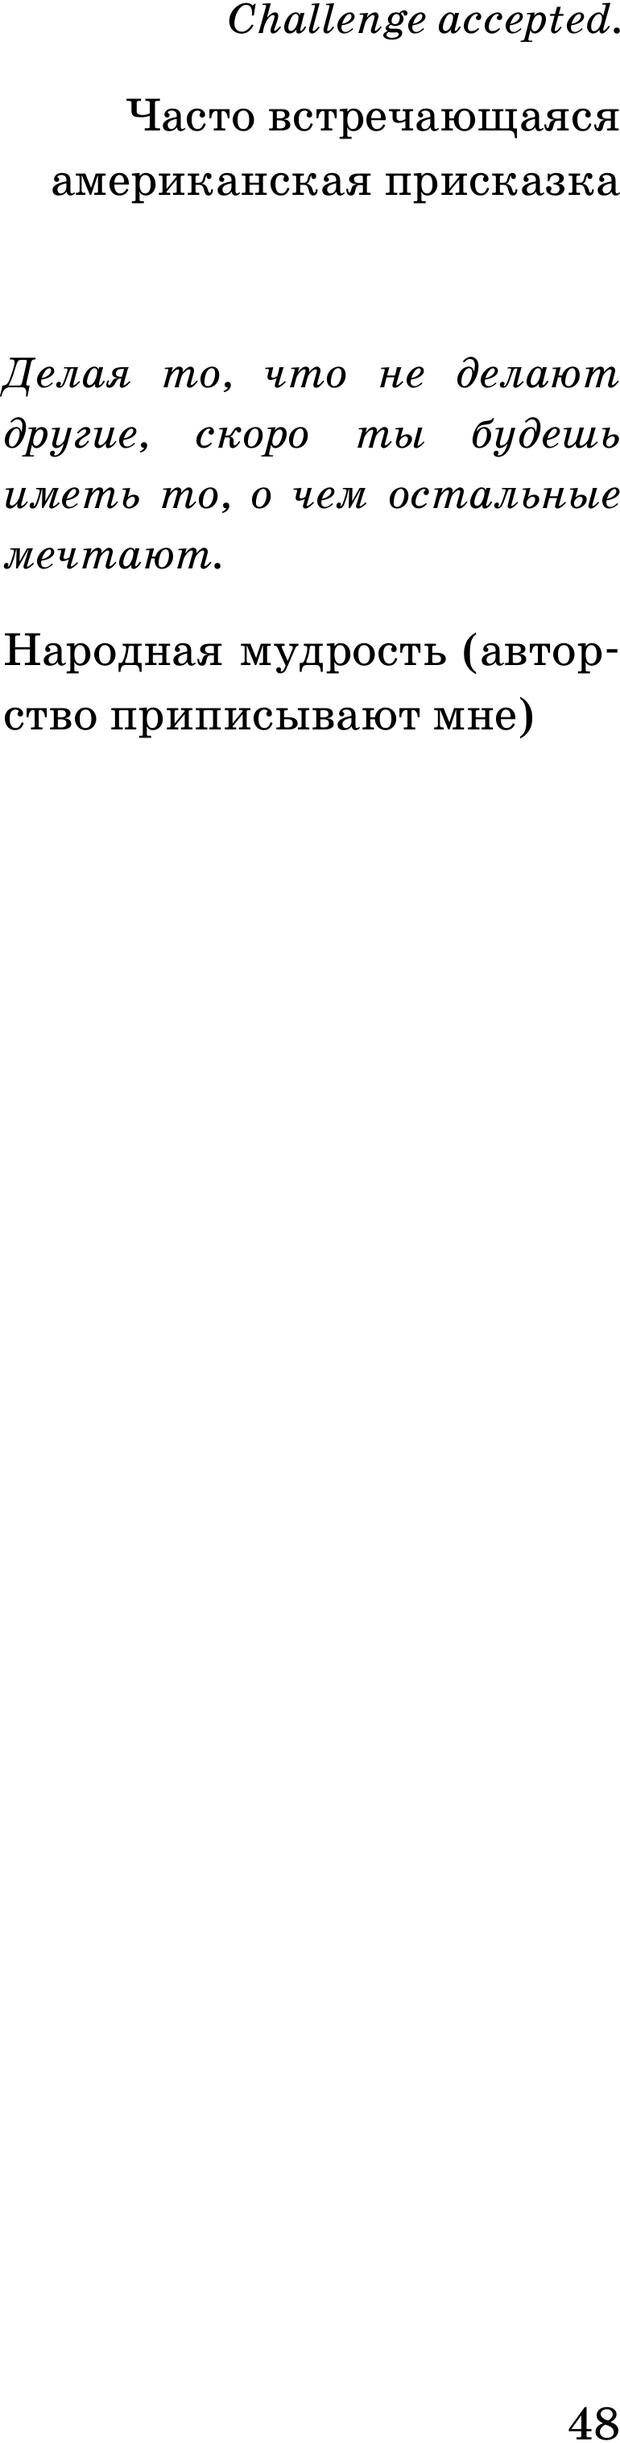 PDF. Русская Модель Эффективного Соблазнения. Мастерский курс. Богачев Ф. О. Страница 44. Читать онлайн